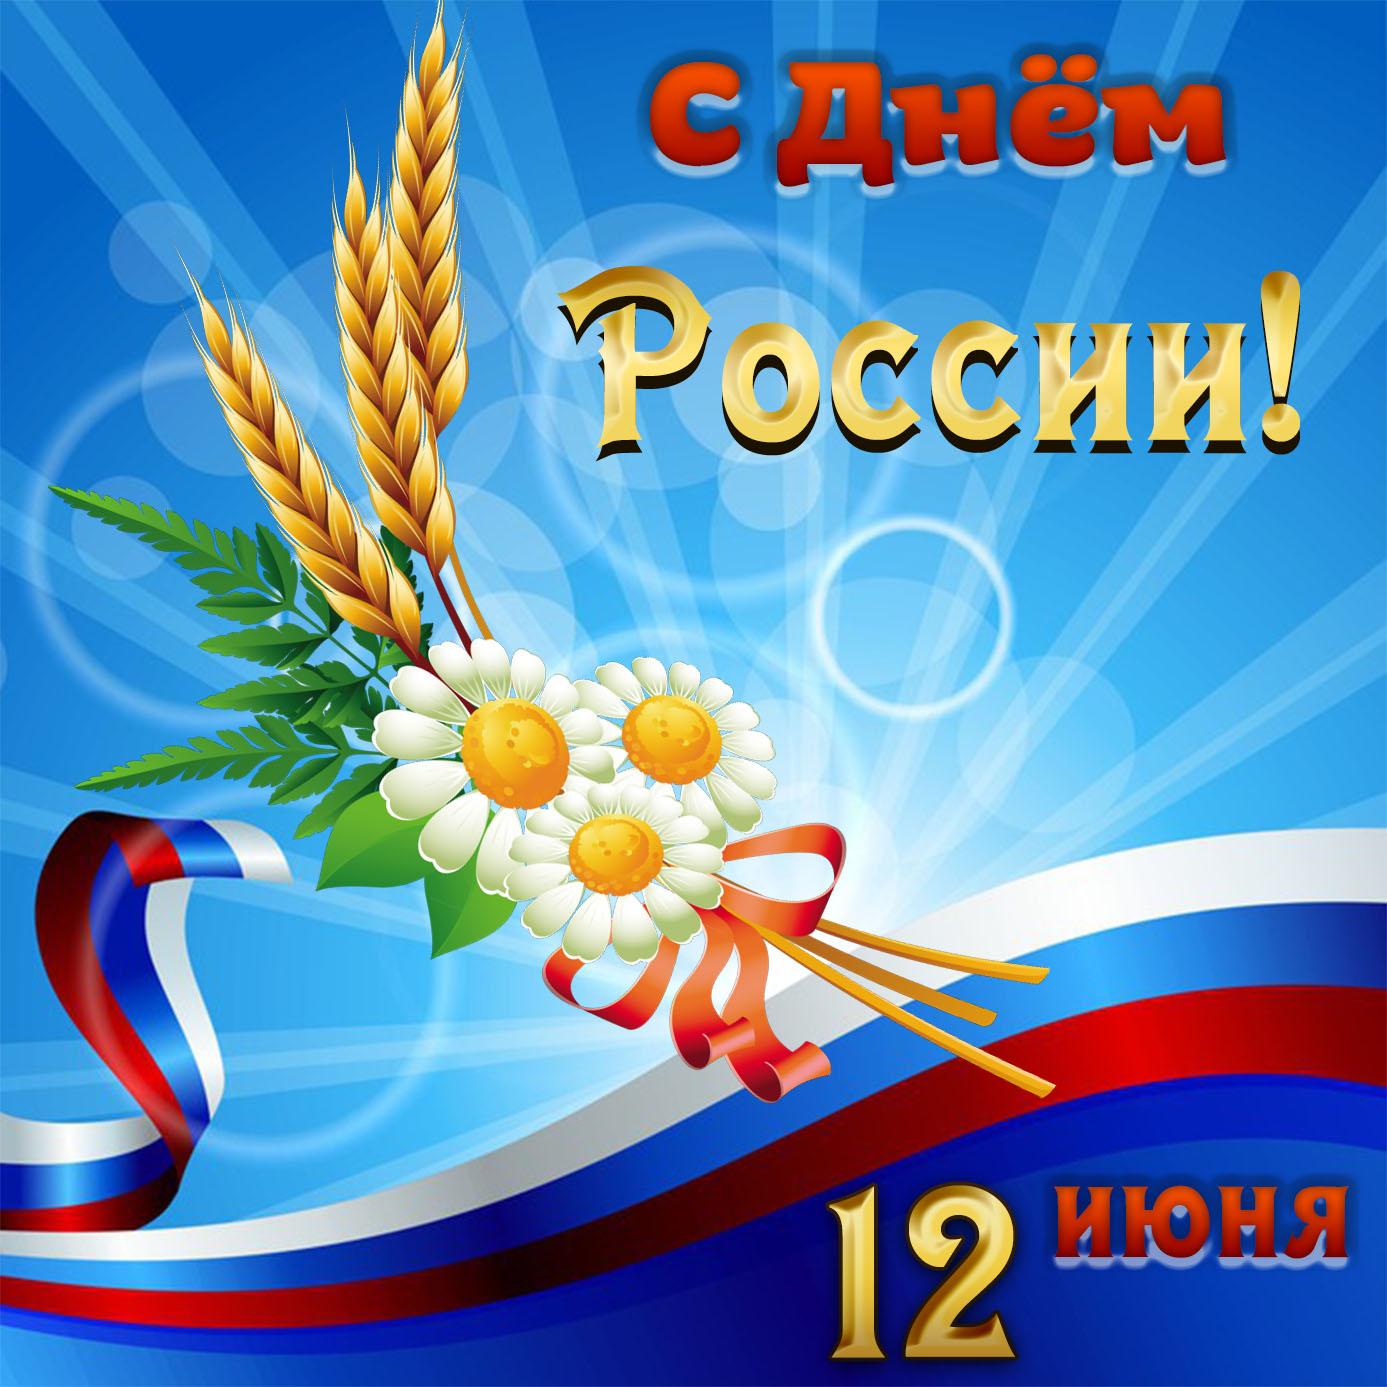 Открытка на День России с красивым фоном